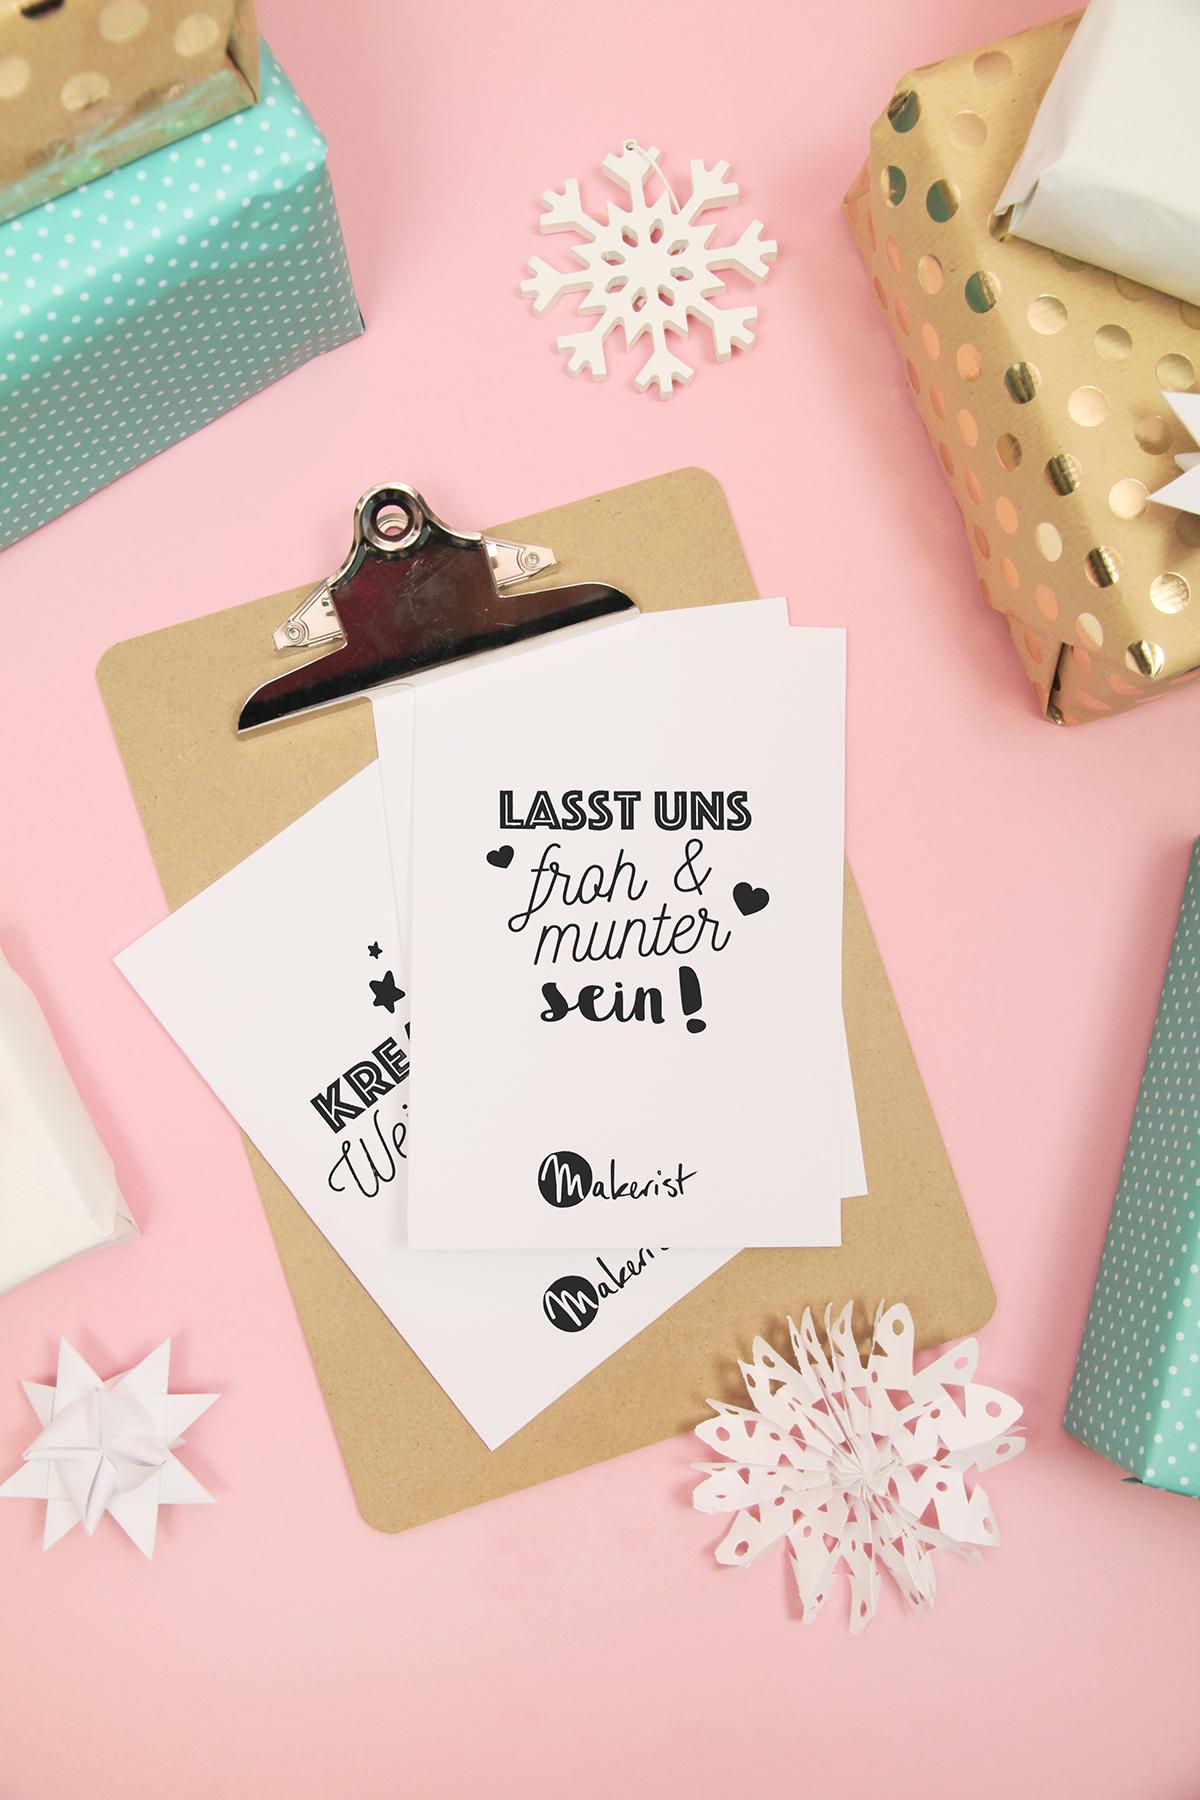 Makerist-Gratis-Printable-für-Weihnachtskarten-Typo-Sprüche-ausdrucken-8